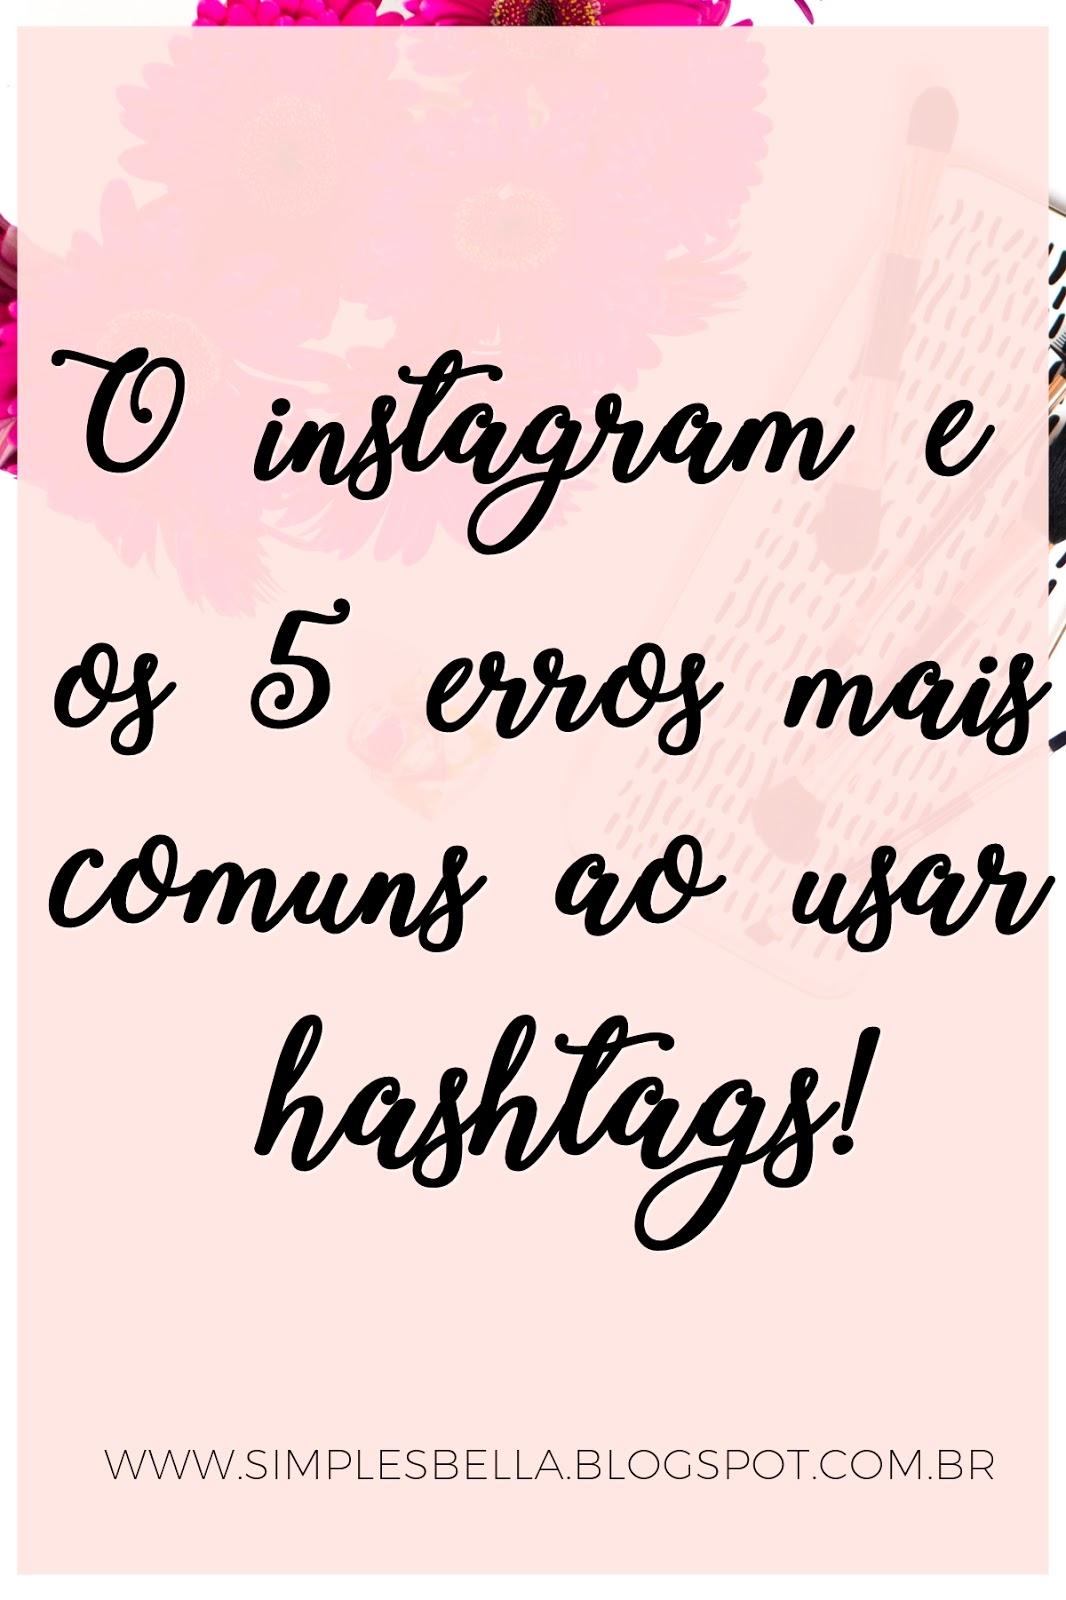 5 erros comuns ao usar hashtags no Instagram